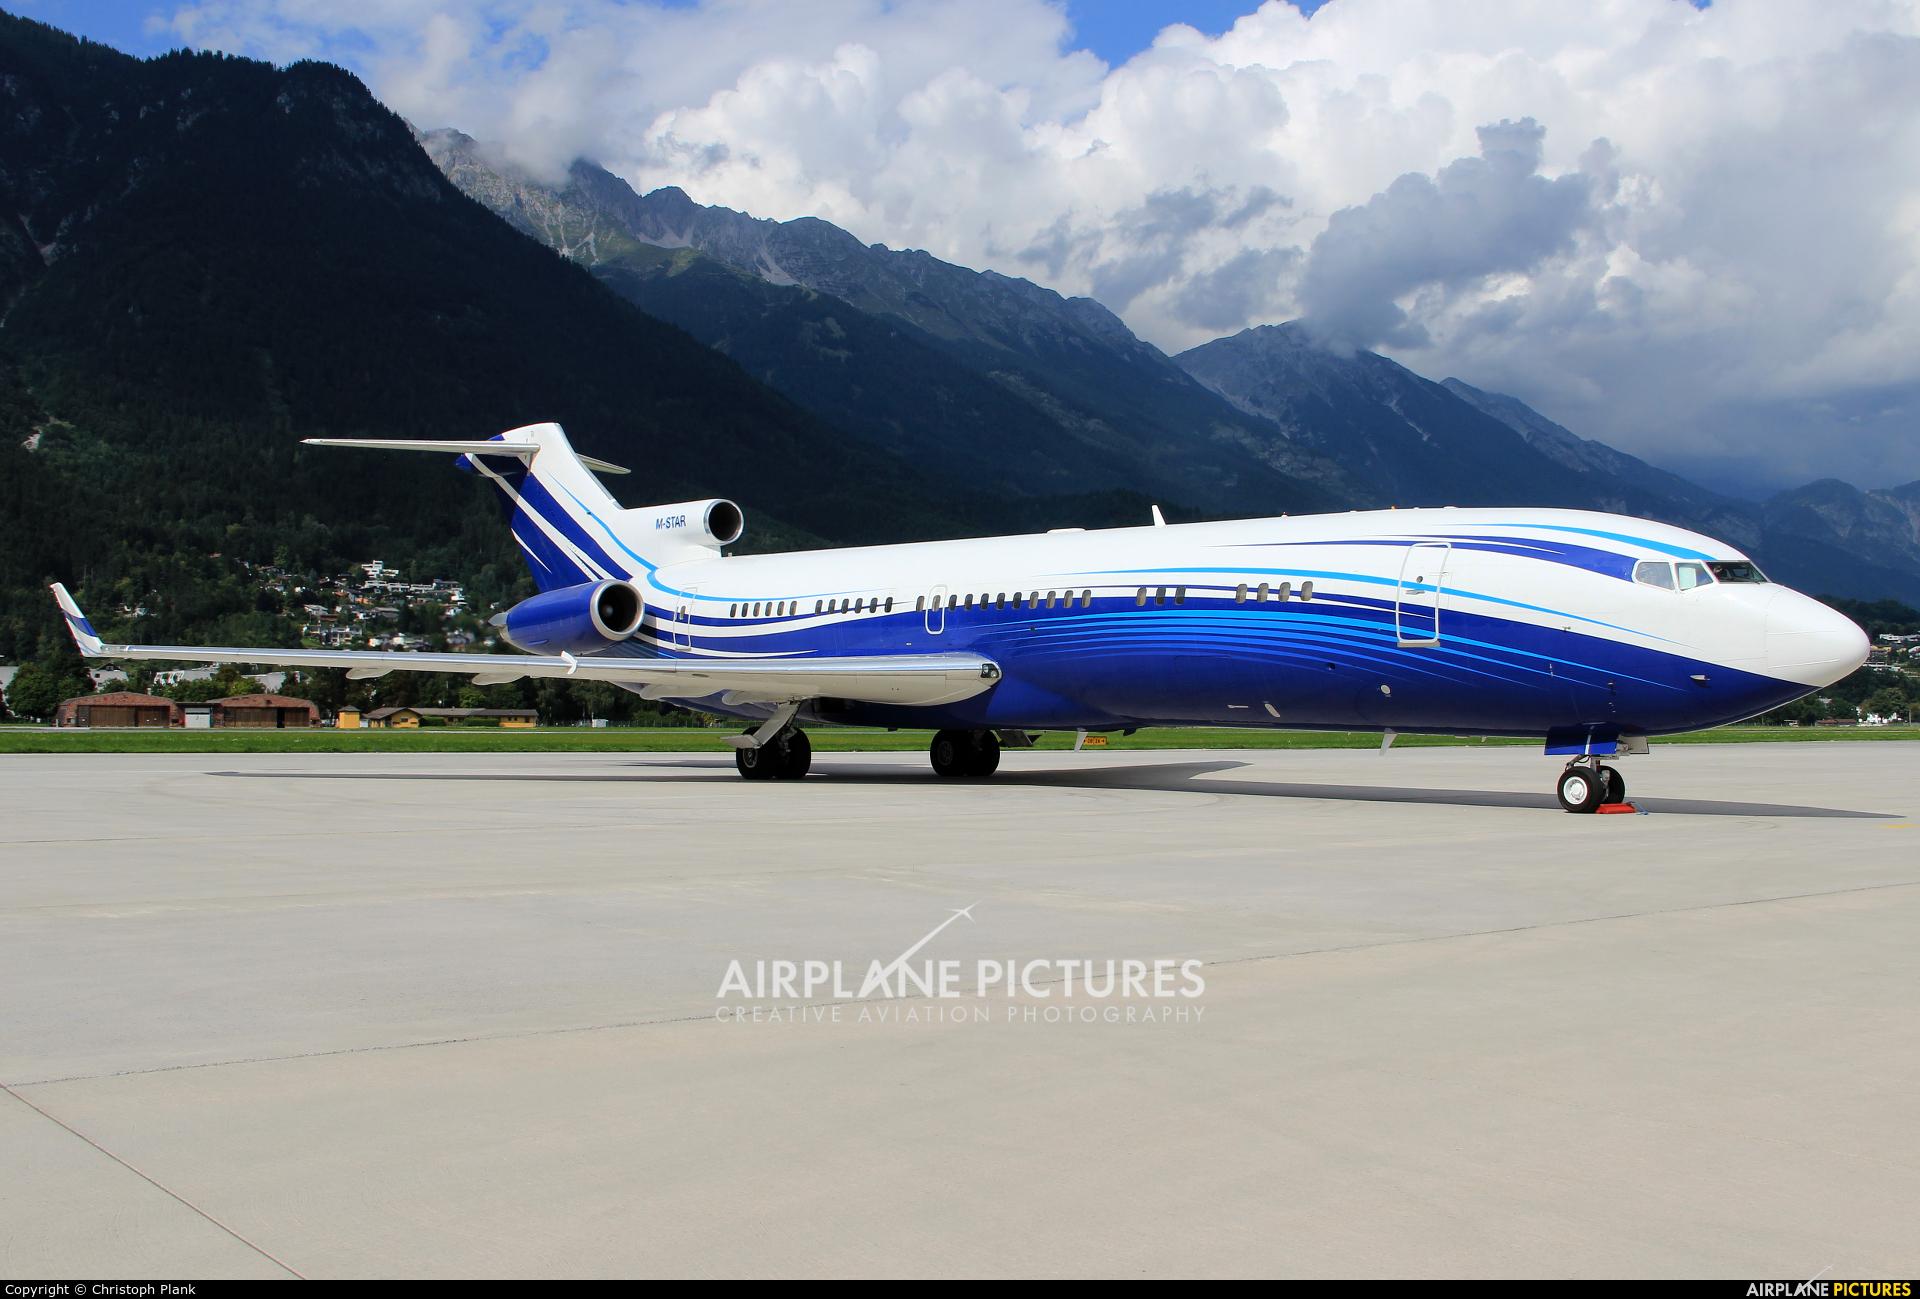 Starling Aviation M-STAR aircraft at Innsbruck